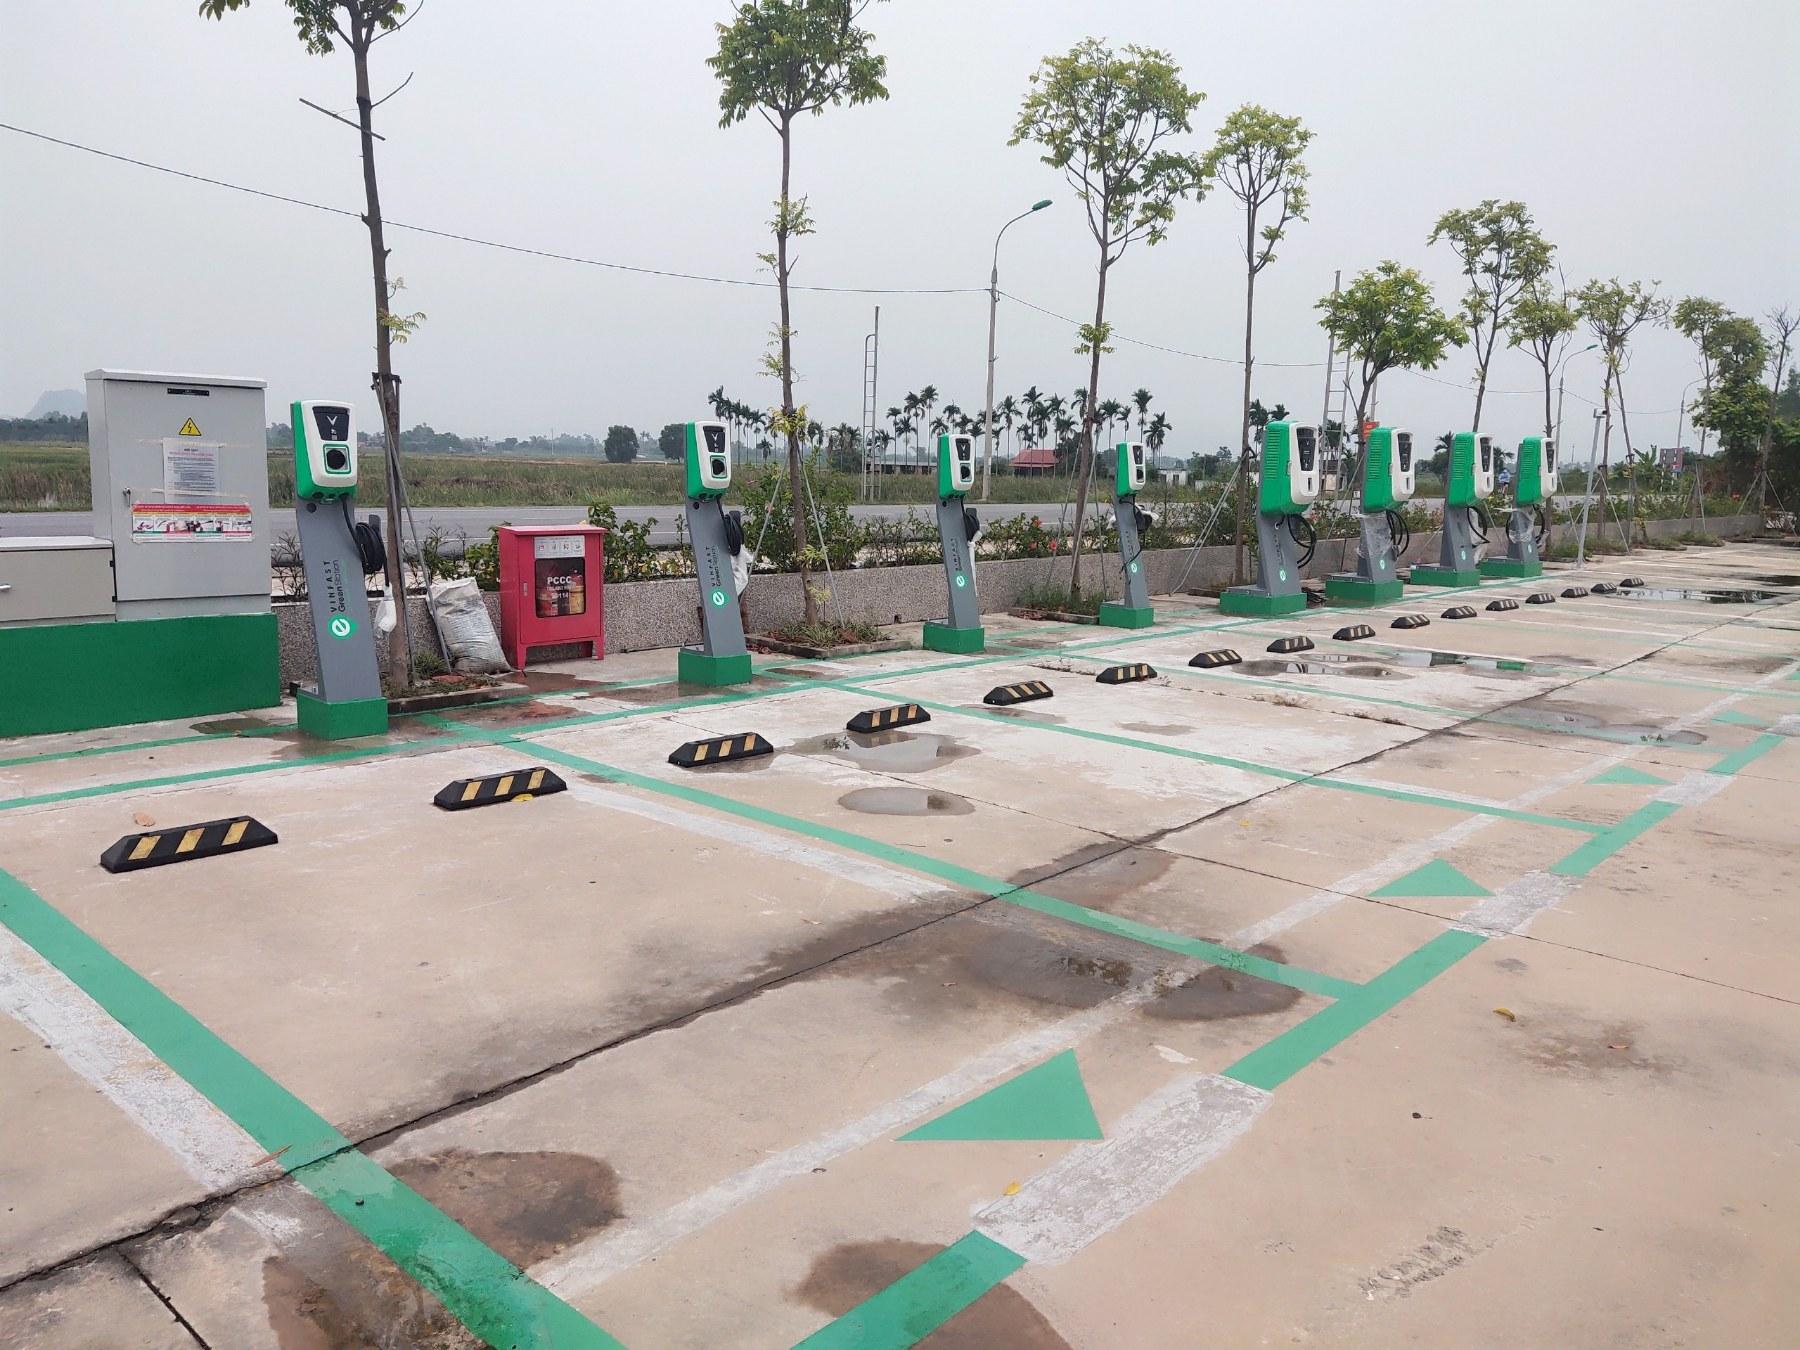 VinFast lắp đặt thần tốc hơn 8.100 cổng sạc ô tô, xe máy điện tại 60 tỉnh thành - Ảnh 5.